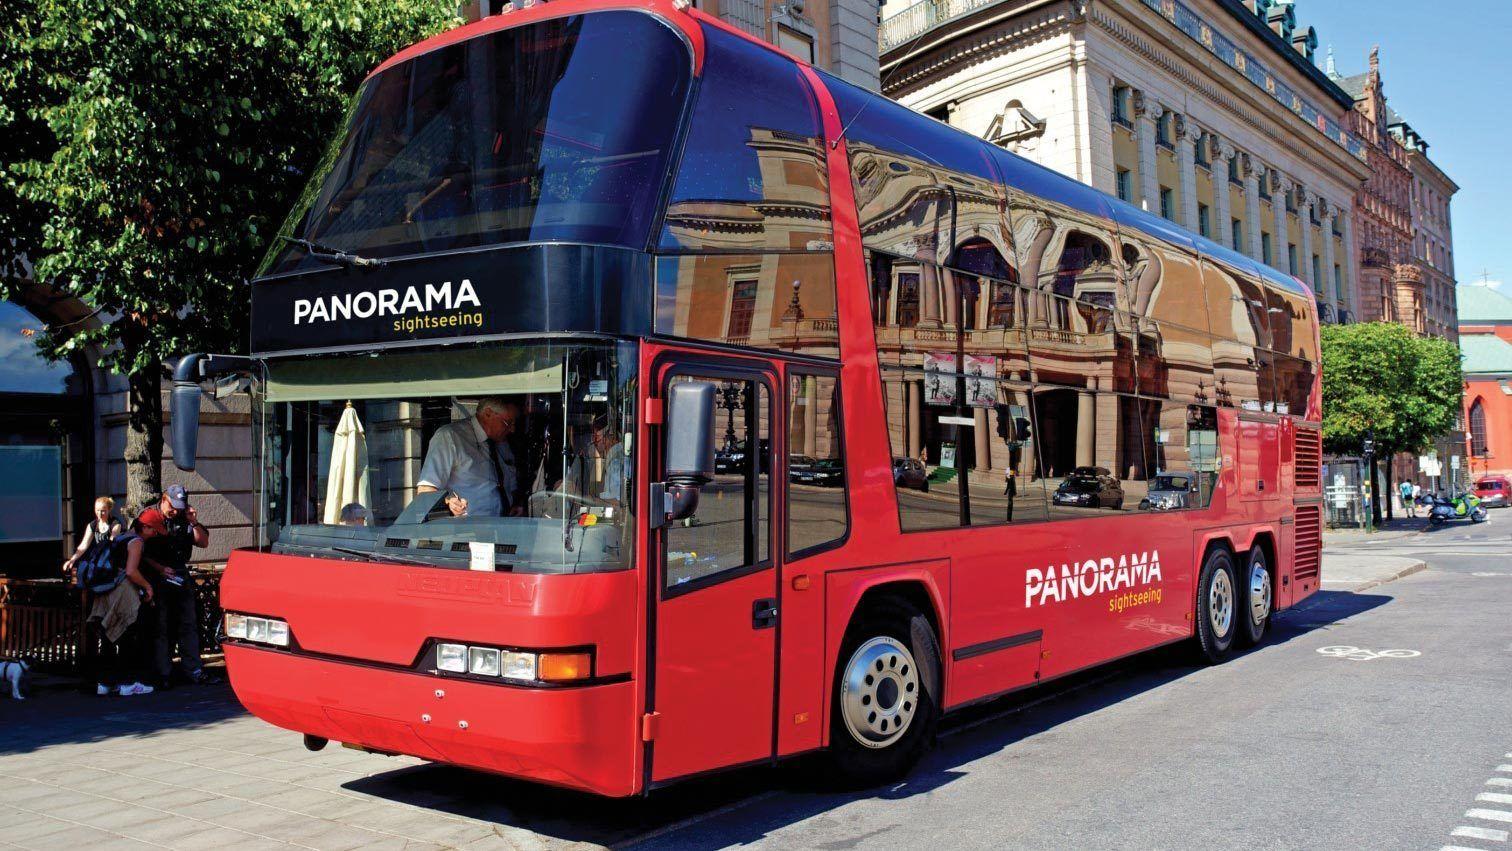 Aboard the double deck bus in Copenhagen